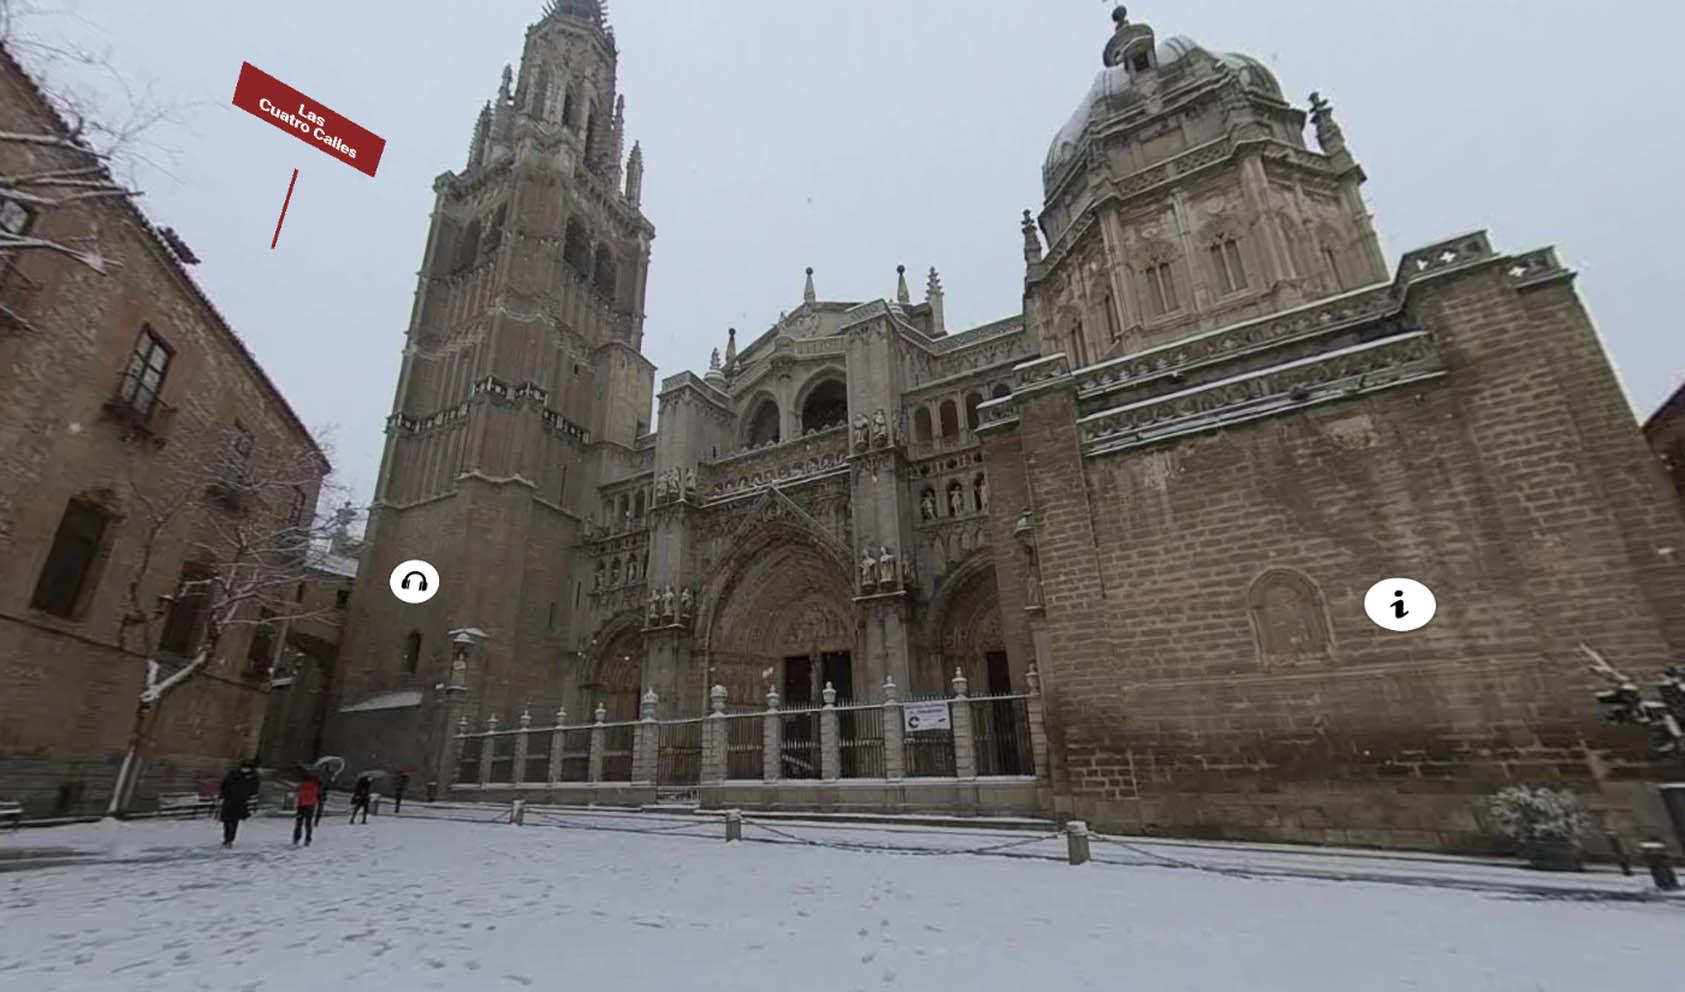 Uno de los espacios que muestra el tour interactivo de Rutas de Toledo.